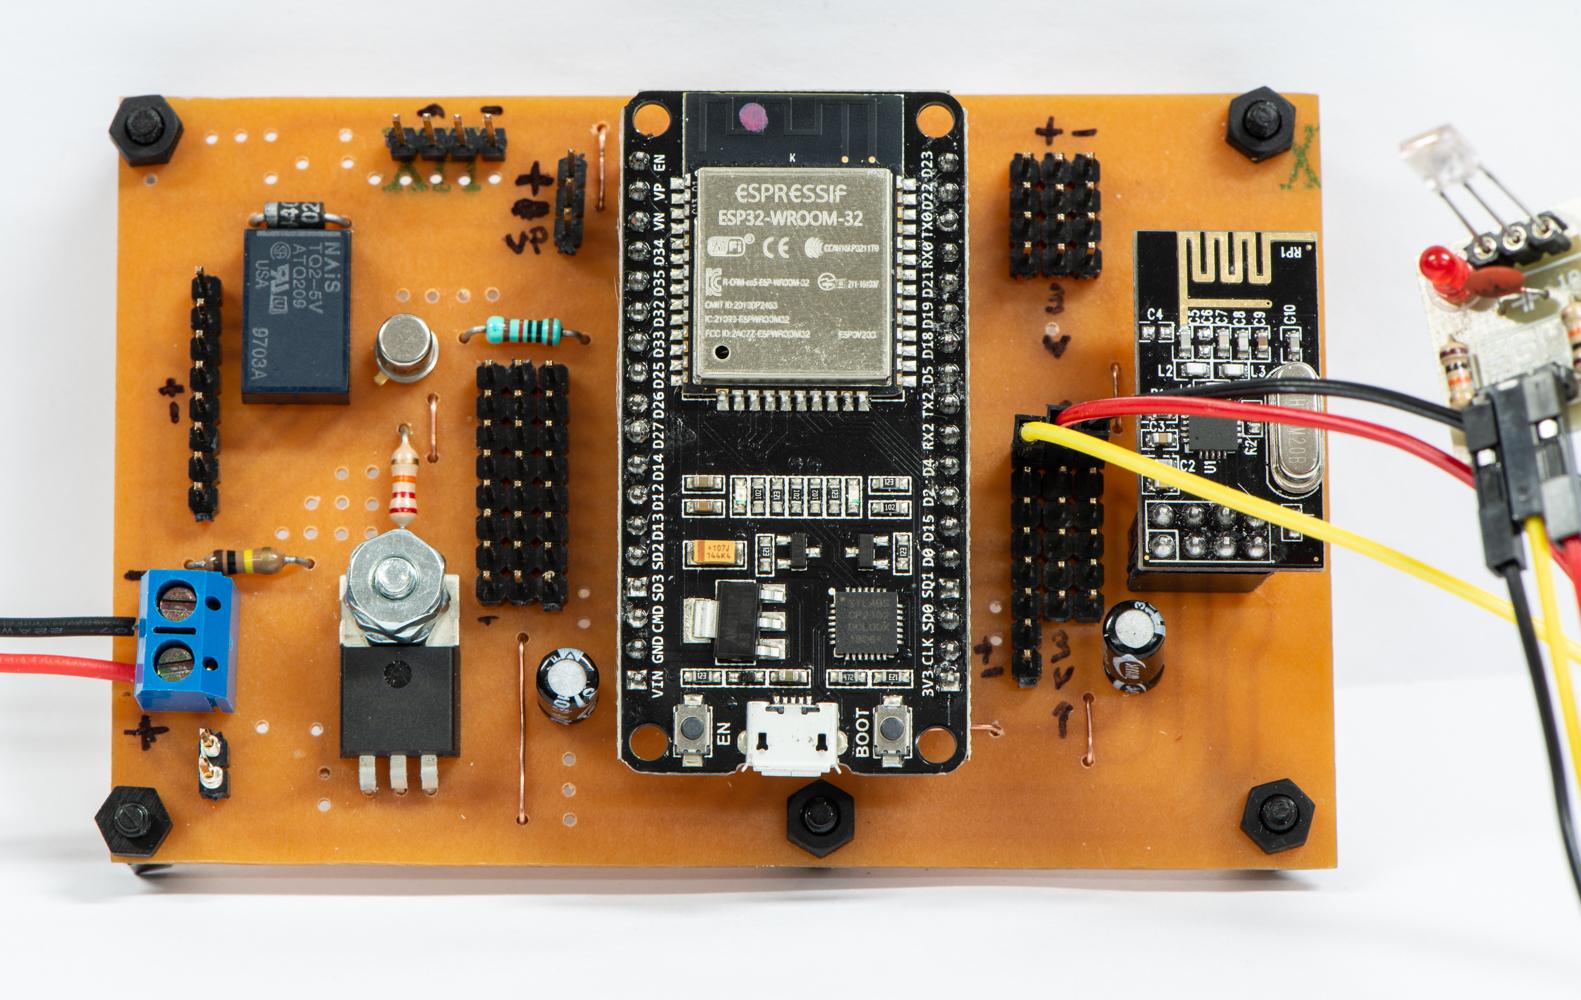 Contrôleur multifonctionnel élaboré autour du ESP32 DEVKIT V1 DOIT